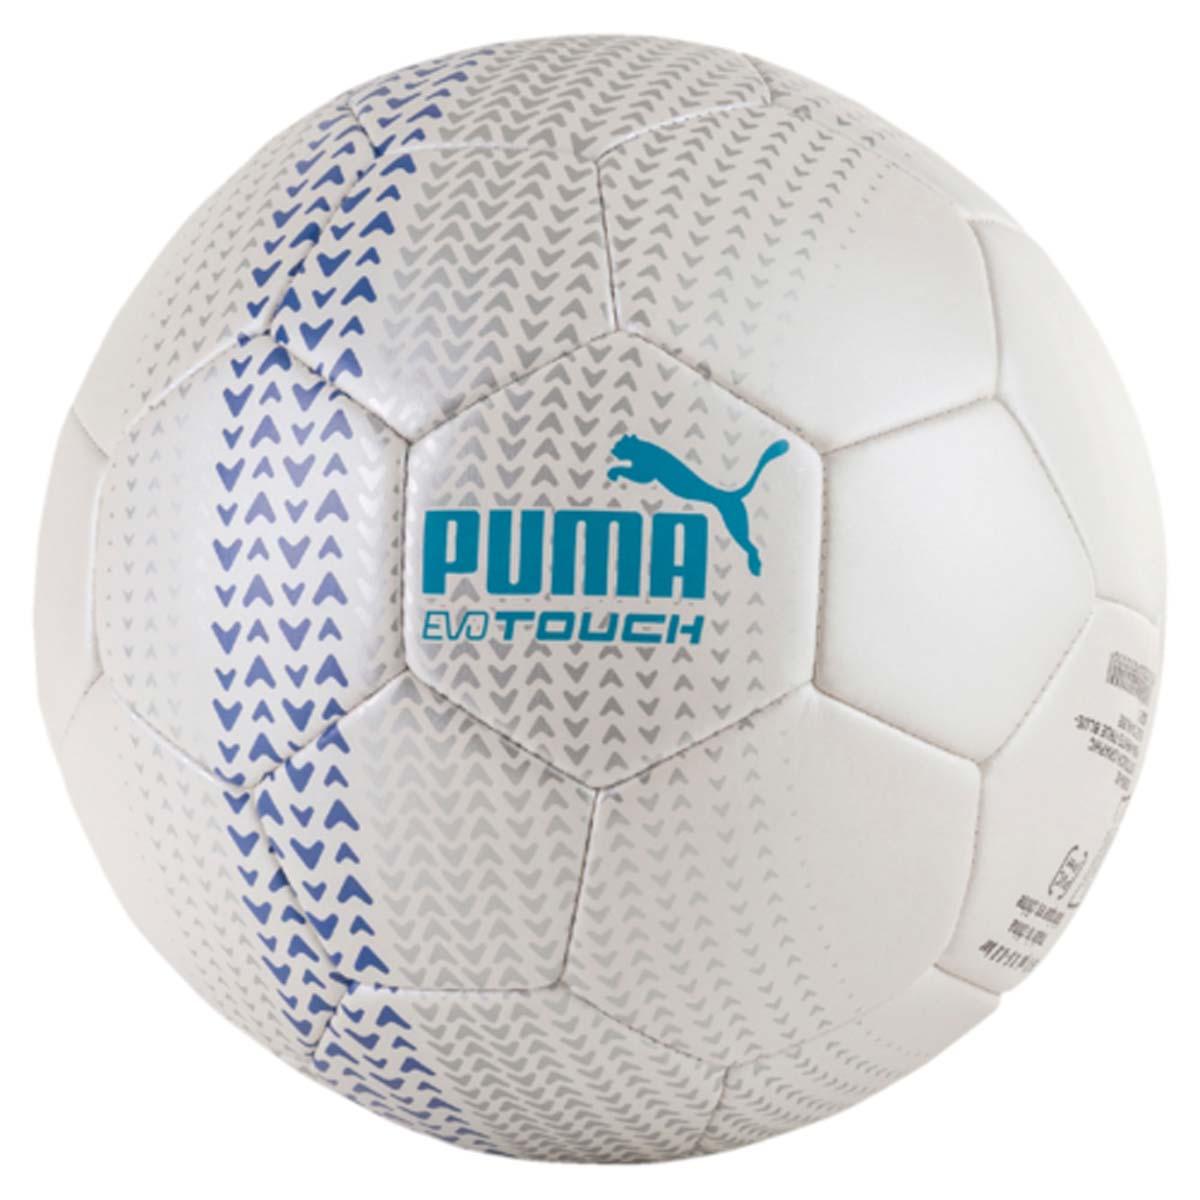 Мяч футбольный Puma Evotouch Graphic, цвет: белый. 08266502. Размер 5